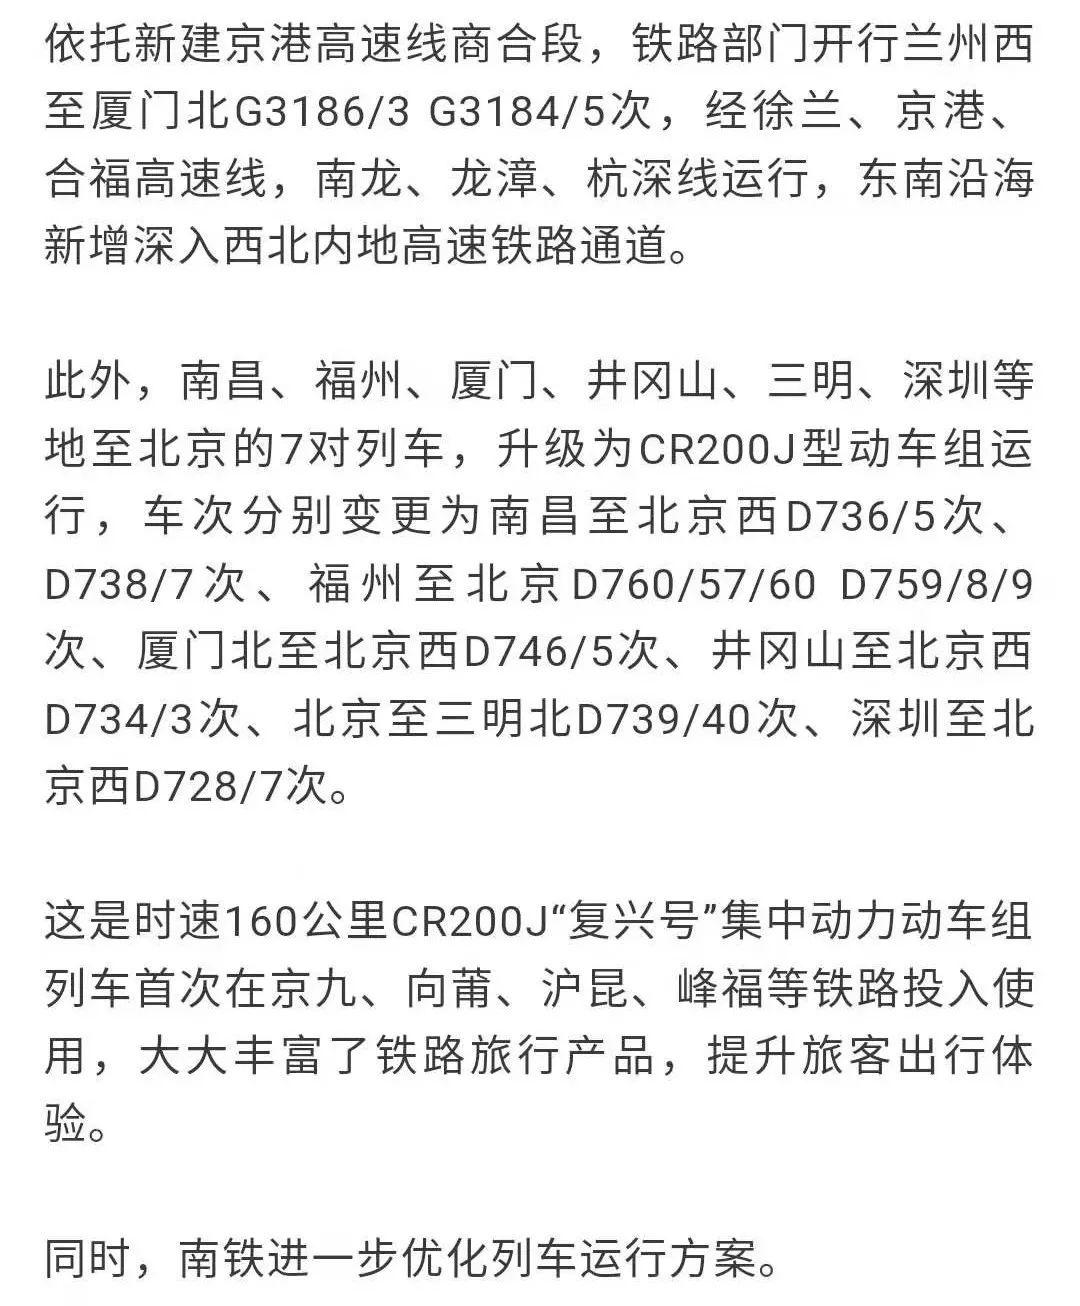 最新消息!昌赣高铁正式纳入运行图!12月30日零时起……